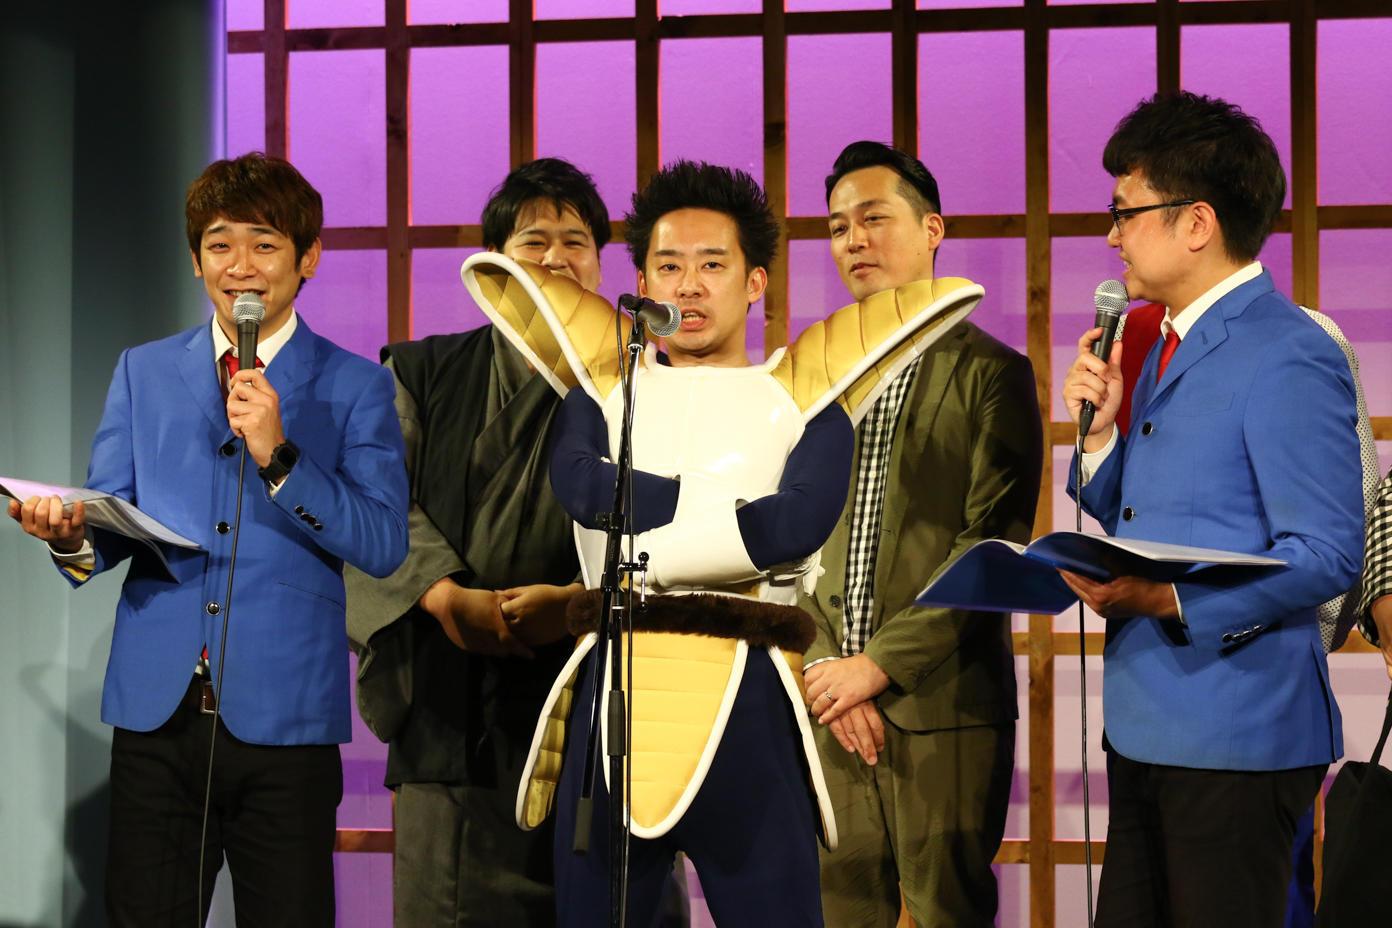 http://news.yoshimoto.co.jp/20180329150401-16568dbc874a4c49b6245976985eadd739daa901.jpg